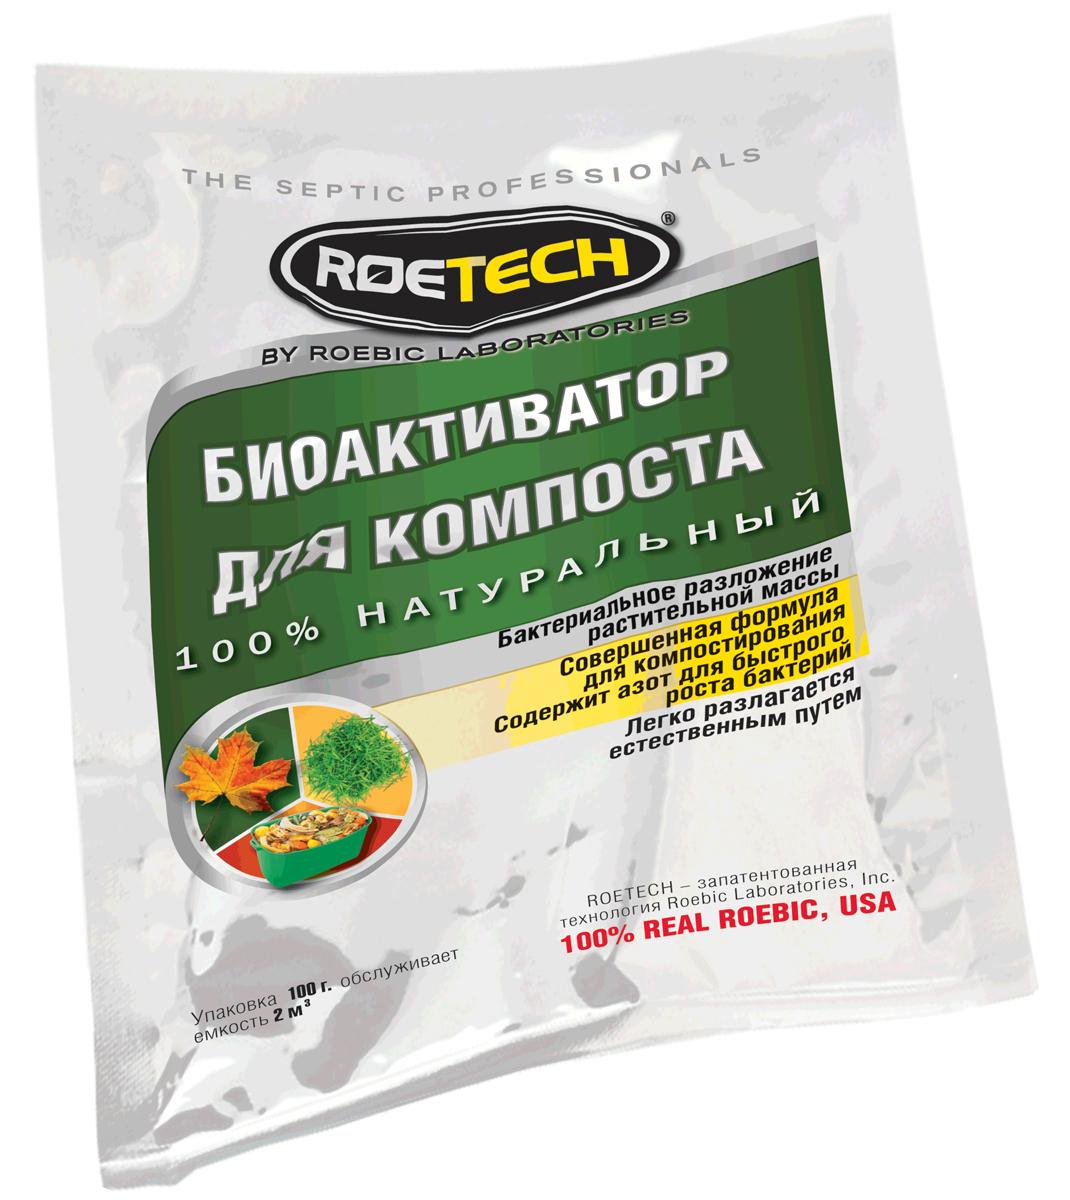 БиоАктиватор для компоста Roetech, 100 гCAБиоАктиватор Roetech - совершенная бактериальная формула для ускорения естественных процессах в компостных ямах. Перерабатывает зеленую и сухую траву, листья, овощные остатки и очистки. Состав: смесь бактерий и ферментов бактериального происхождения, порошок.Товар сертифицирован.